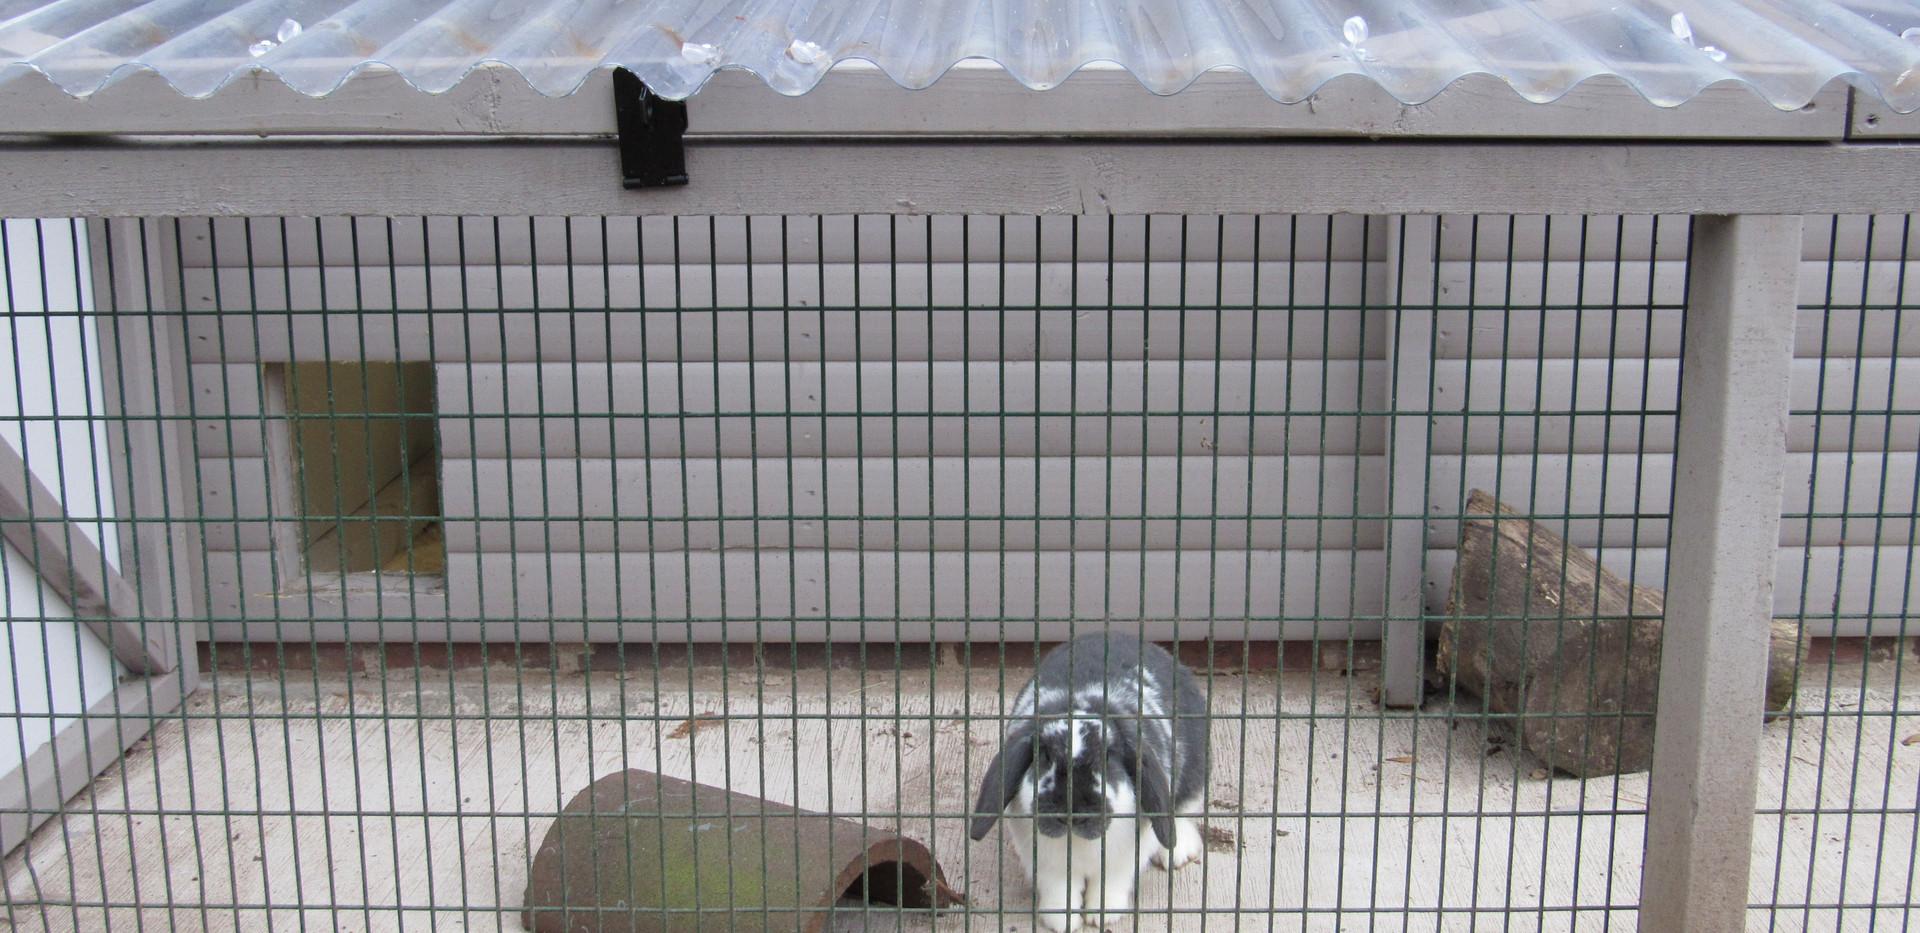 Bunny Lodge External Run